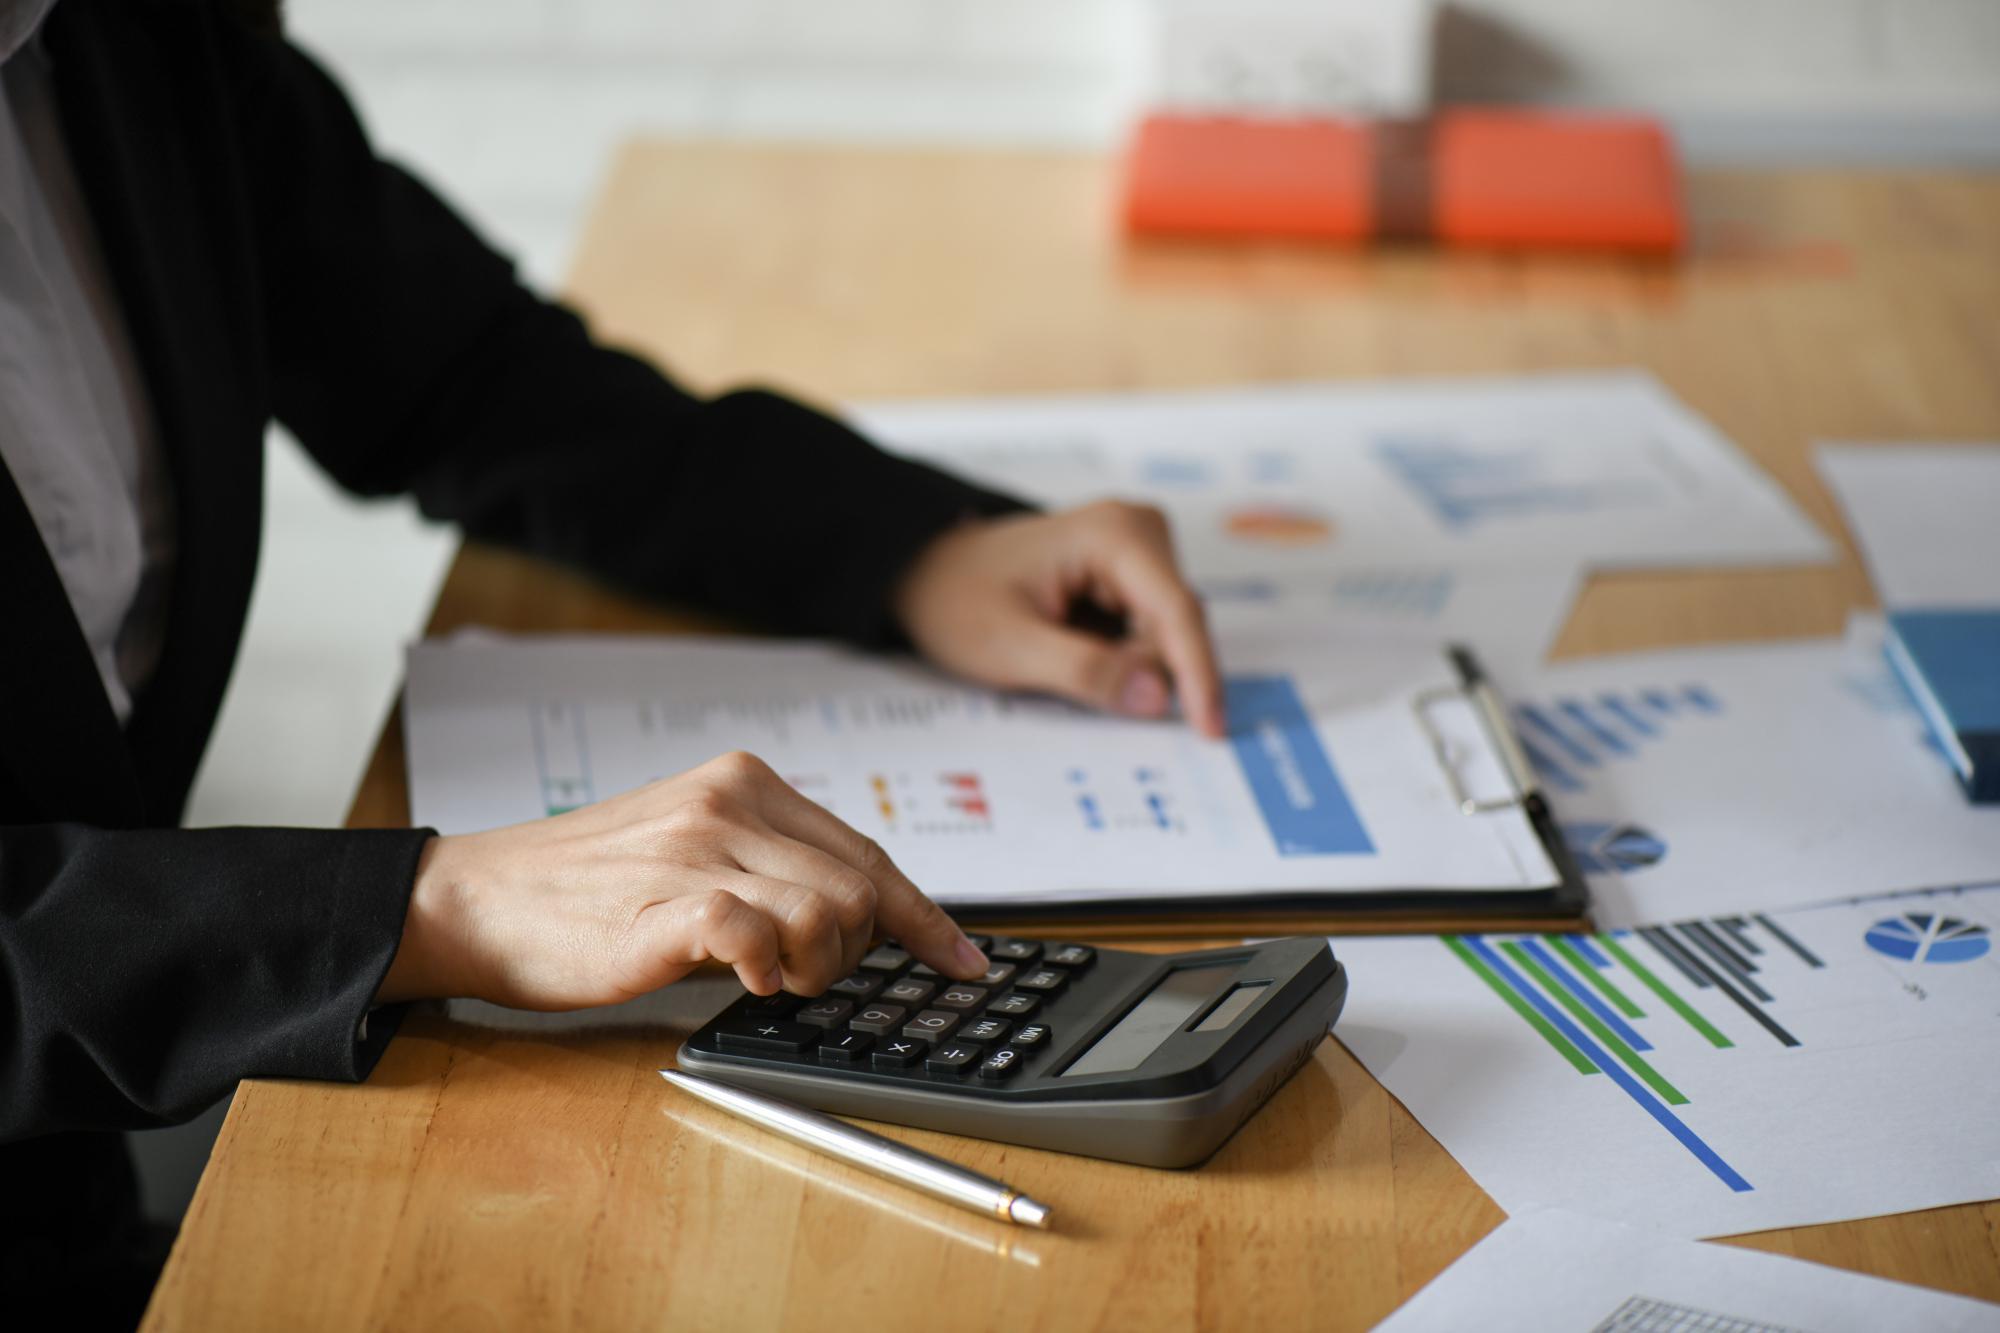 В 2011 в странах ОЭСР поднялись индивидуальные налоги